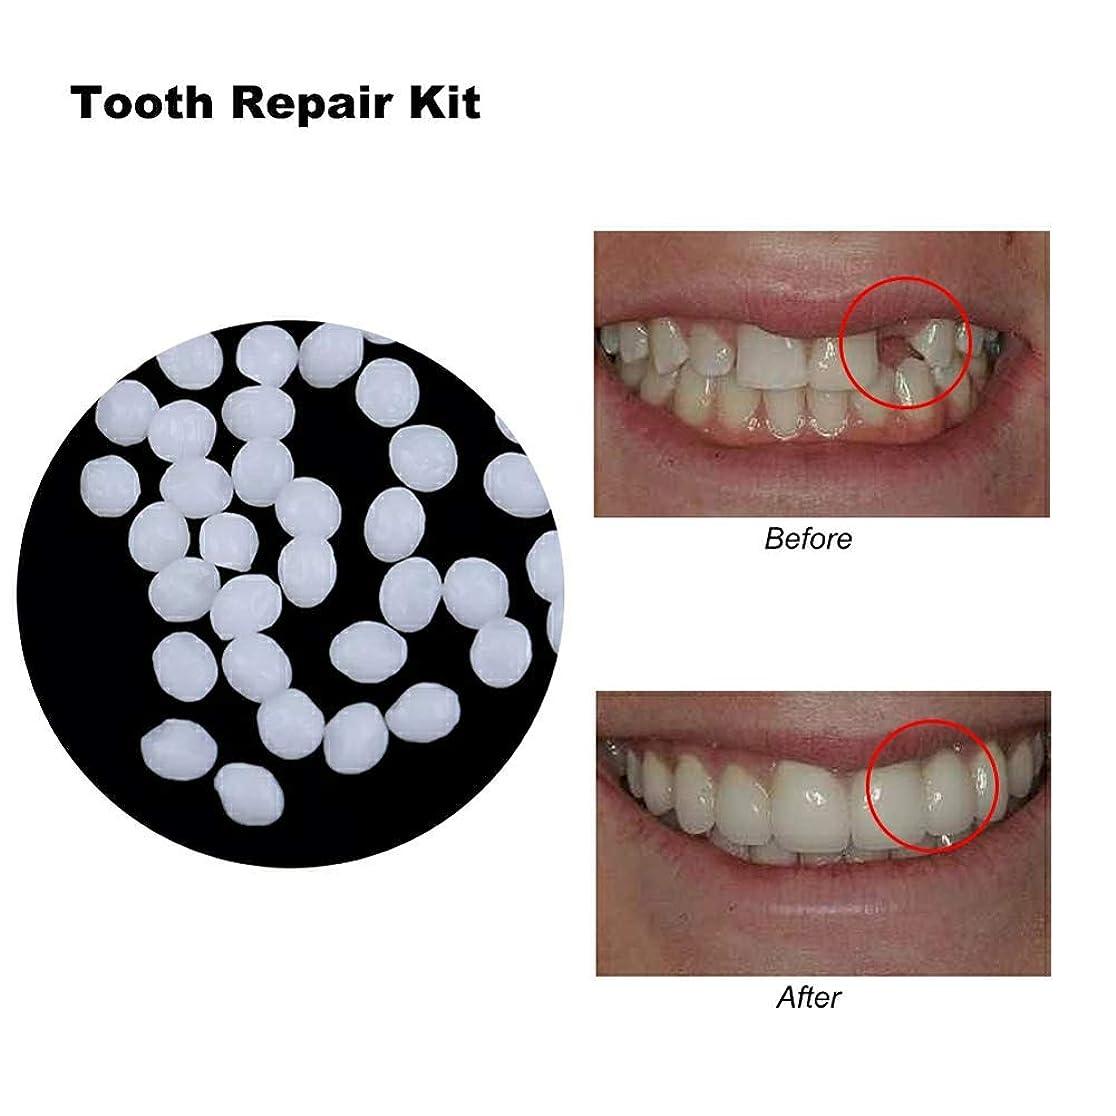 怠感議題圧縮偽歯固体接着剤、樹脂の歯とギャップのための一時的な化粧品の歯の修復キットクリエイティブ義歯接着剤,10ml14g